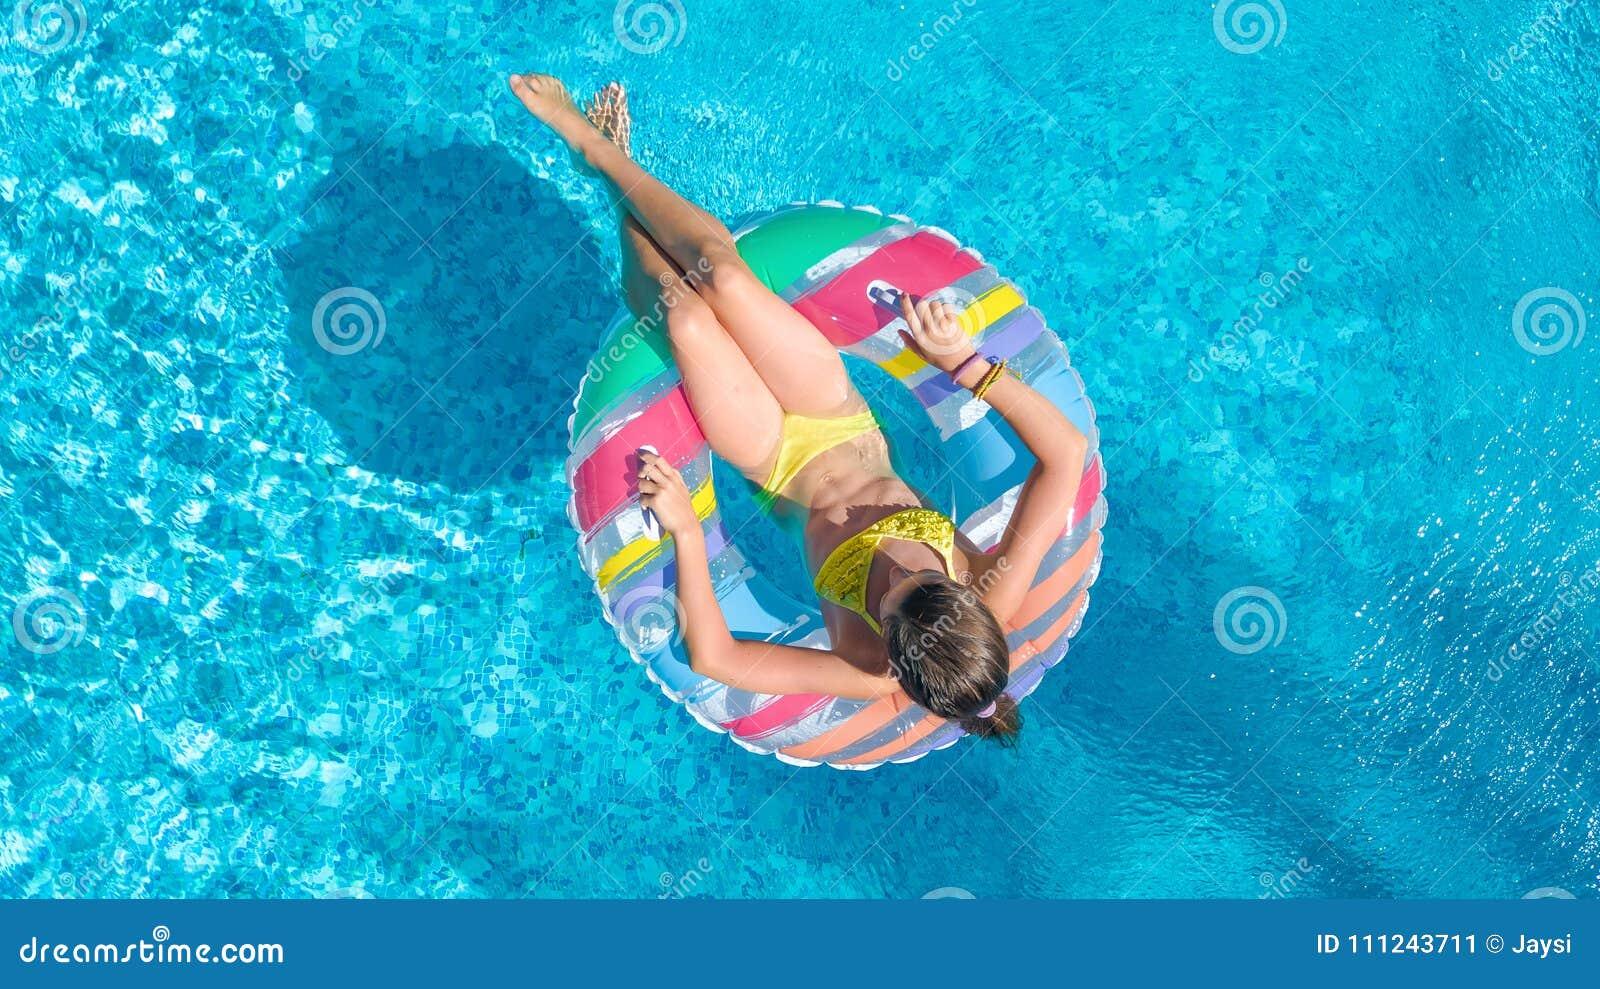 La opinión superior aérea la niña en piscina desde arriba, niño nada en el buñuelo inflable del anillo, niño se divierte en agua